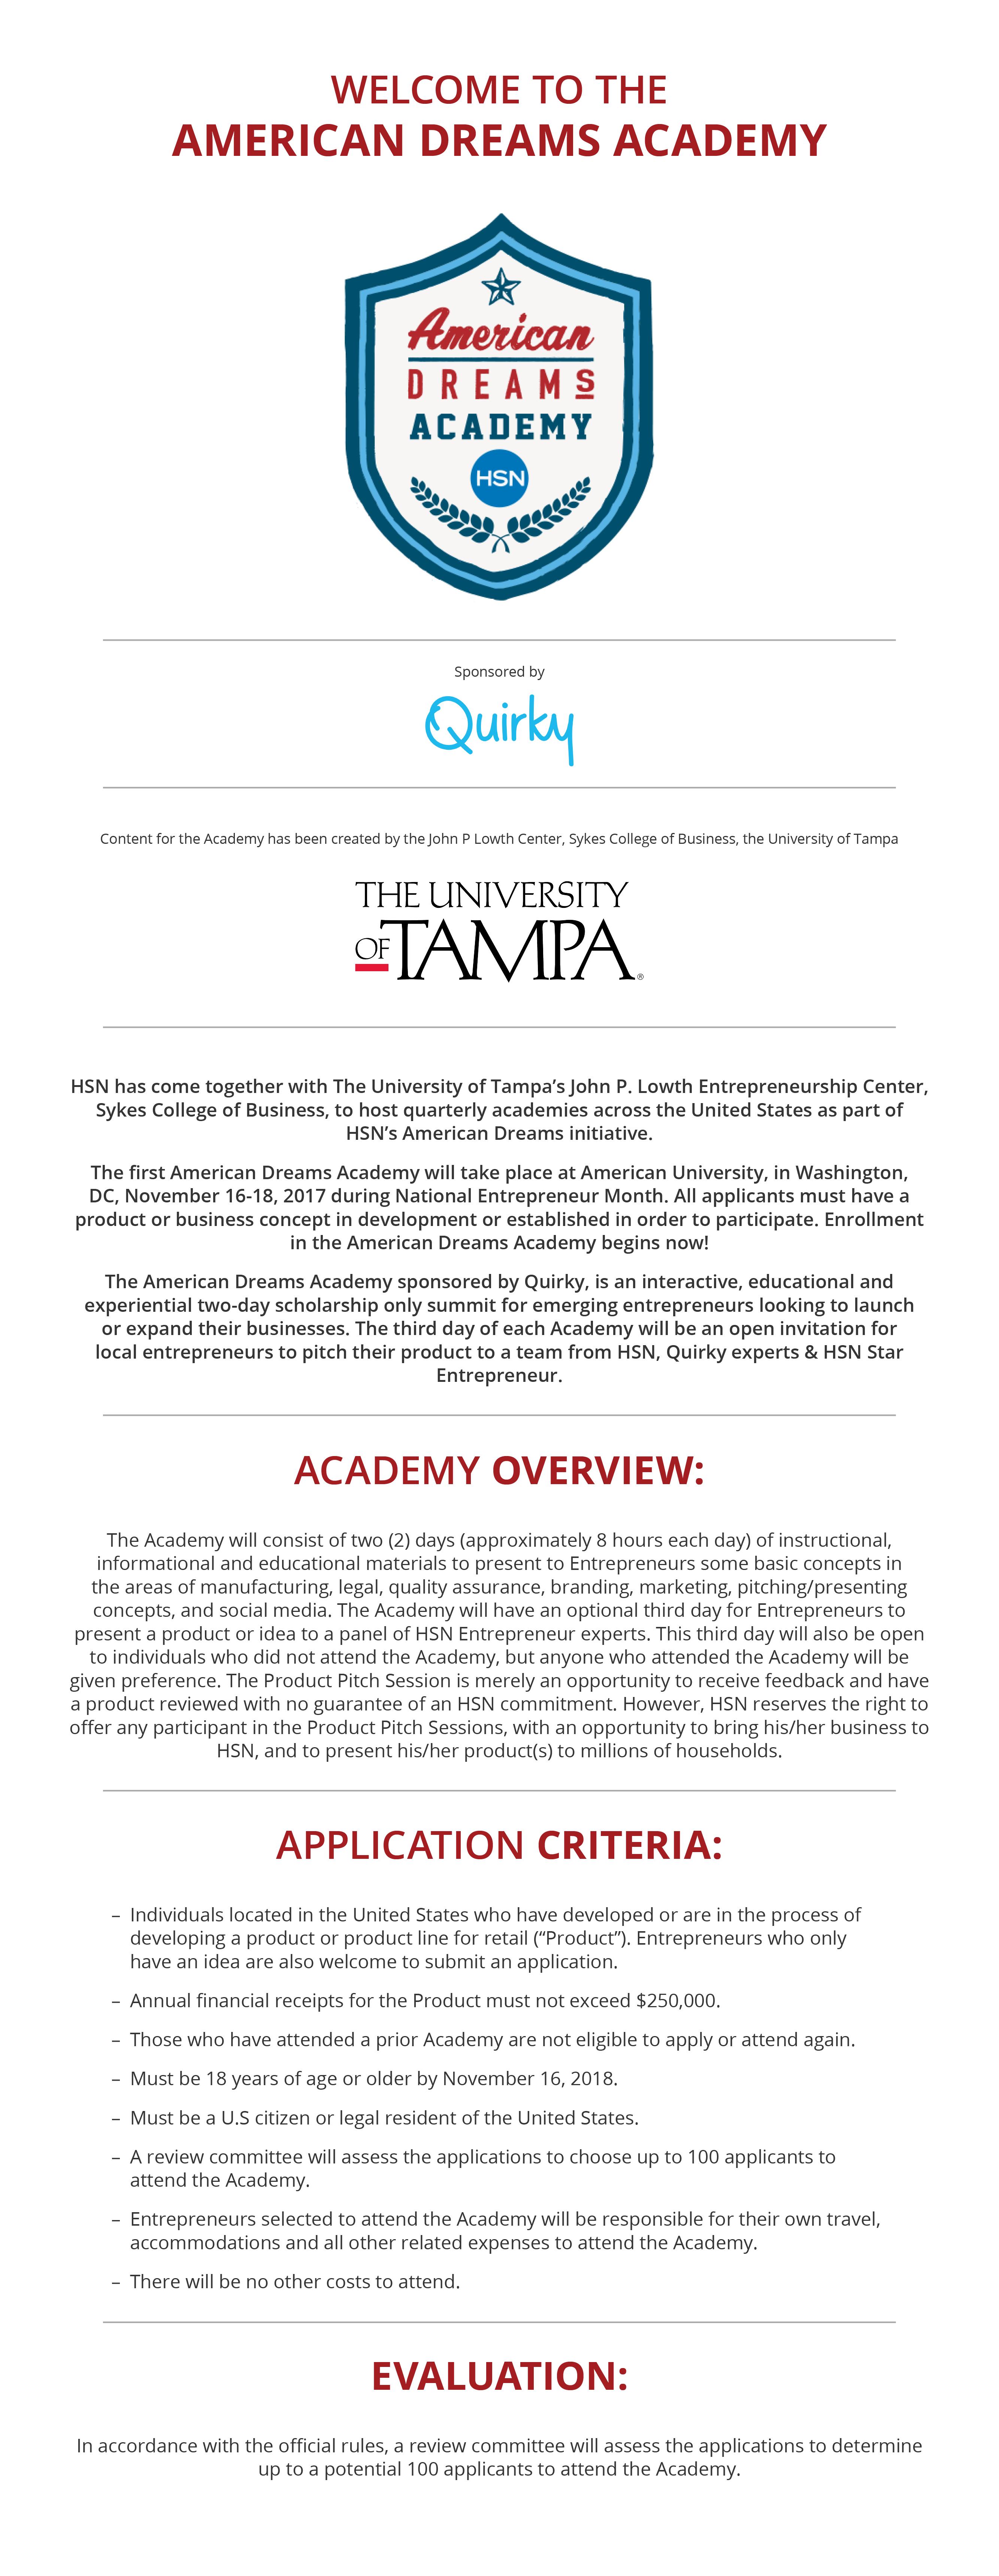 American Dreams Academy Web Graphic